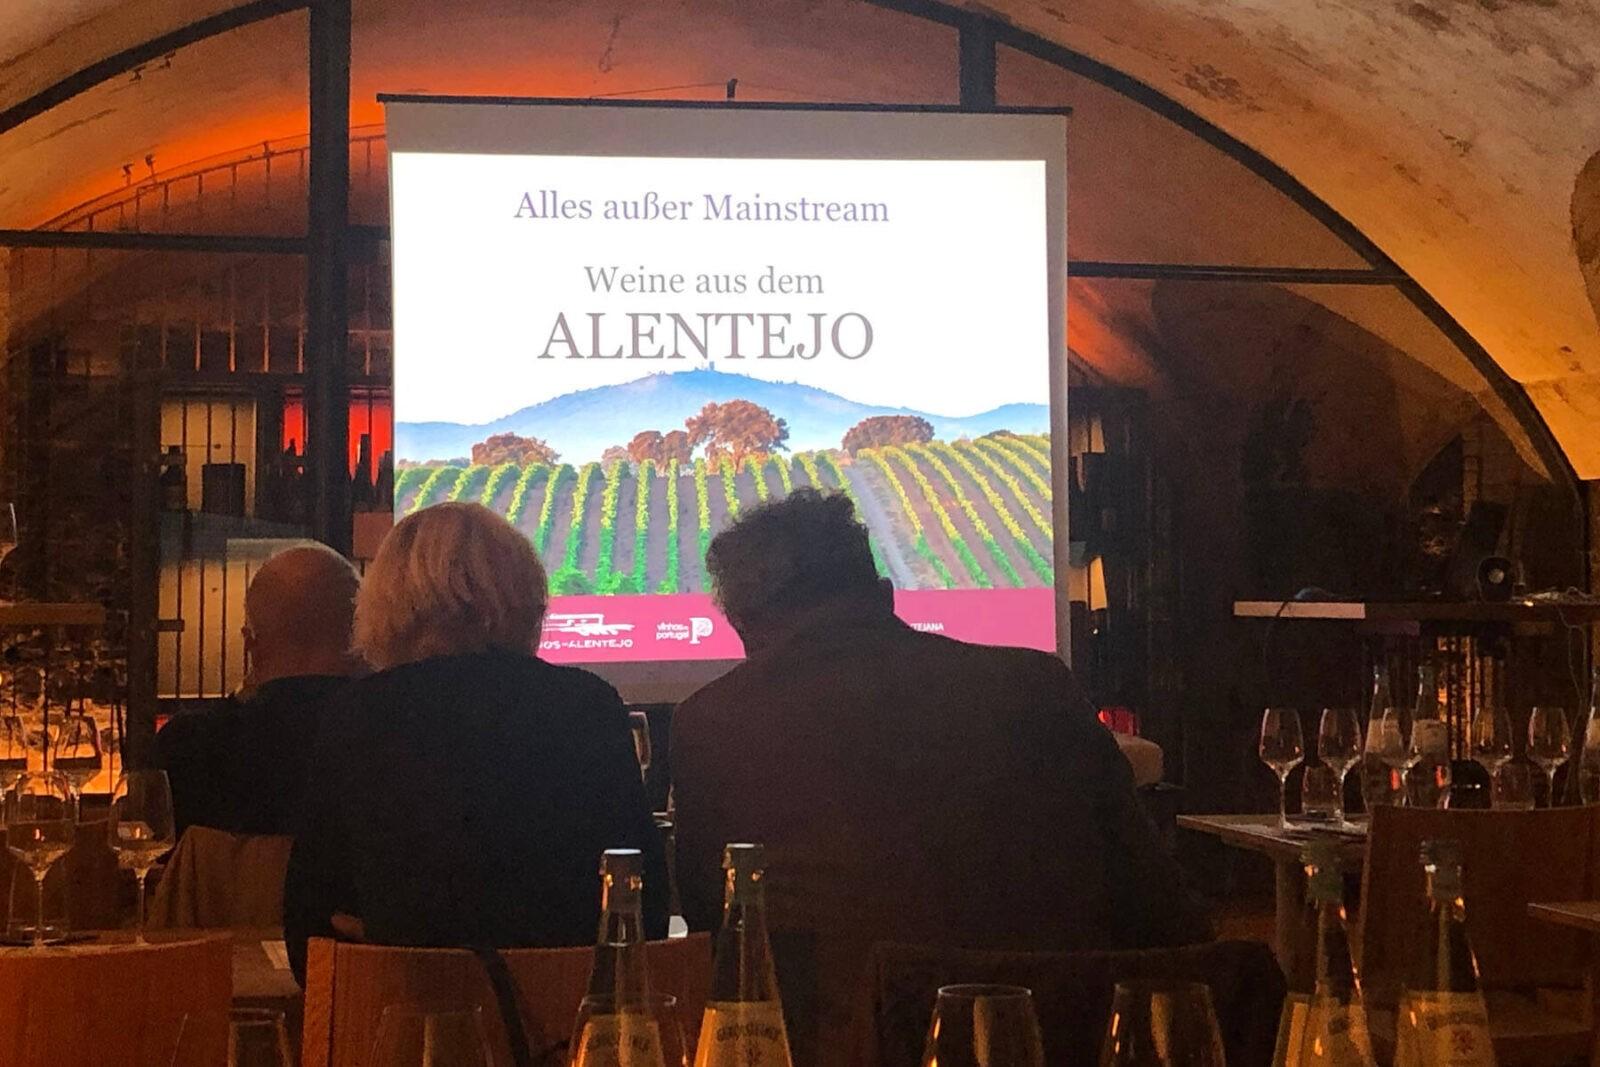 Portugal: Weine aus dem Alentejo – alles, außer gewöhnlich